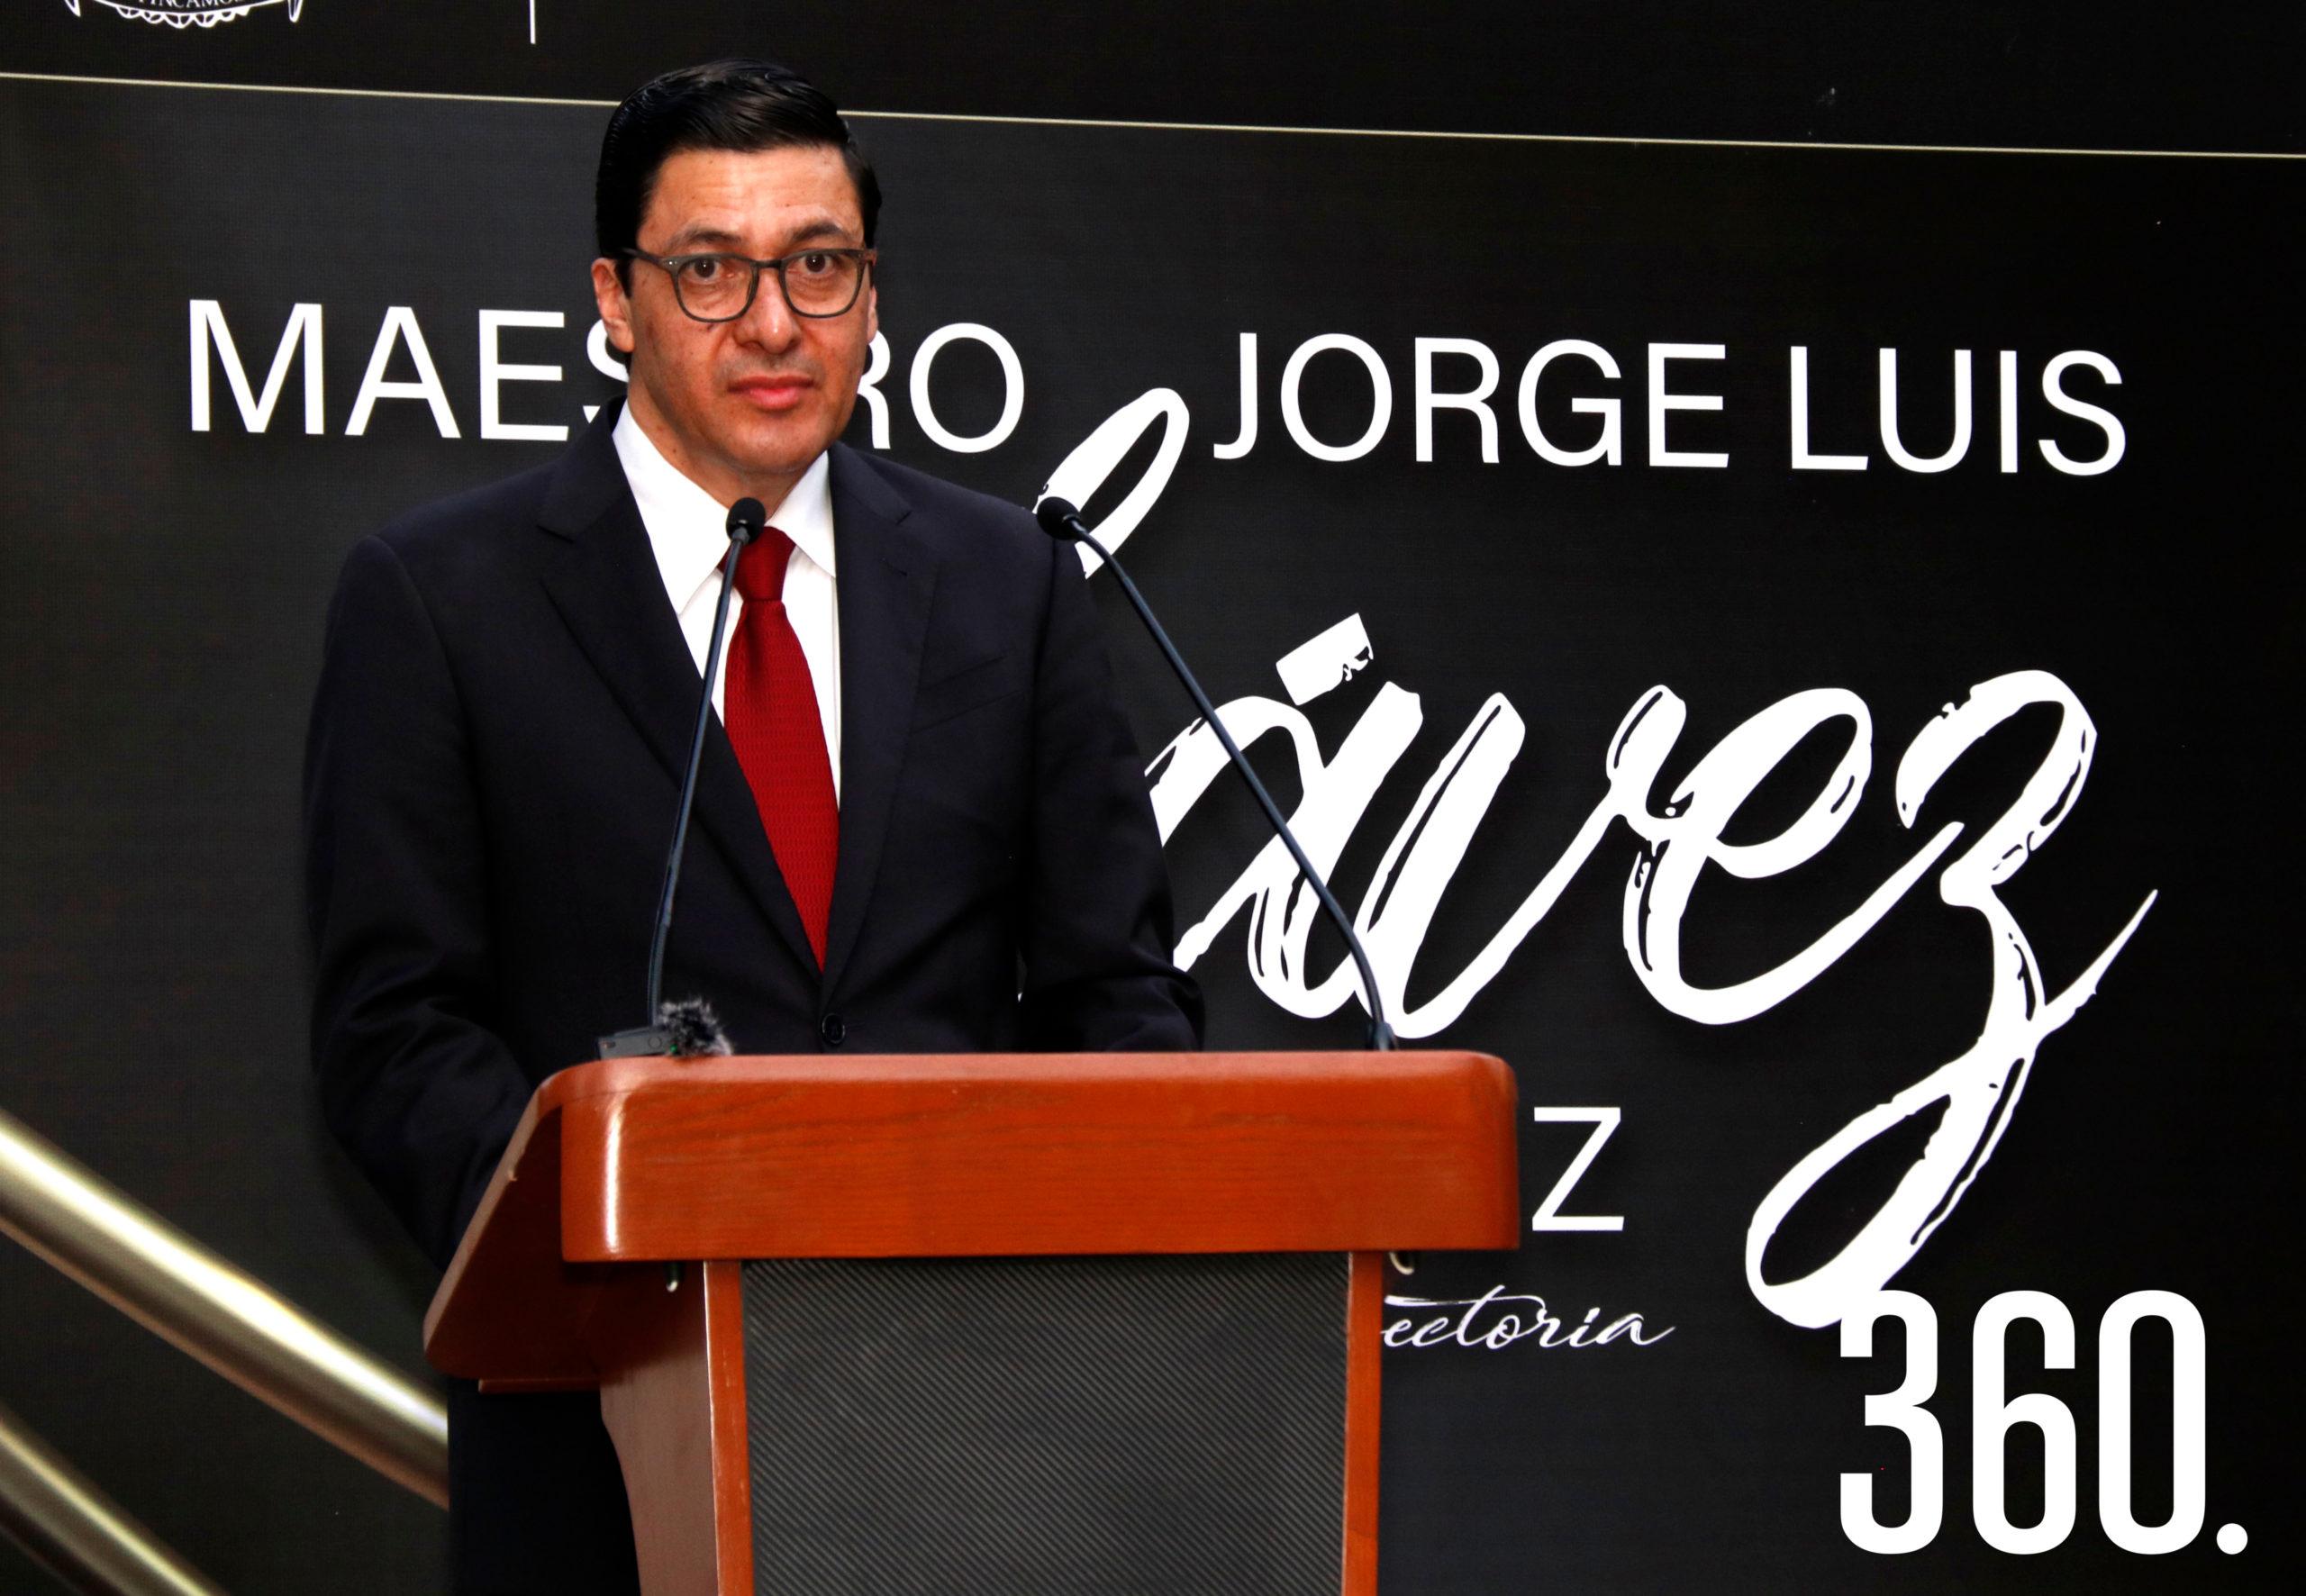 Jorge Luis Chávez Martínez agradeció a sus compañeros maestros y estudiantes su apoyo.